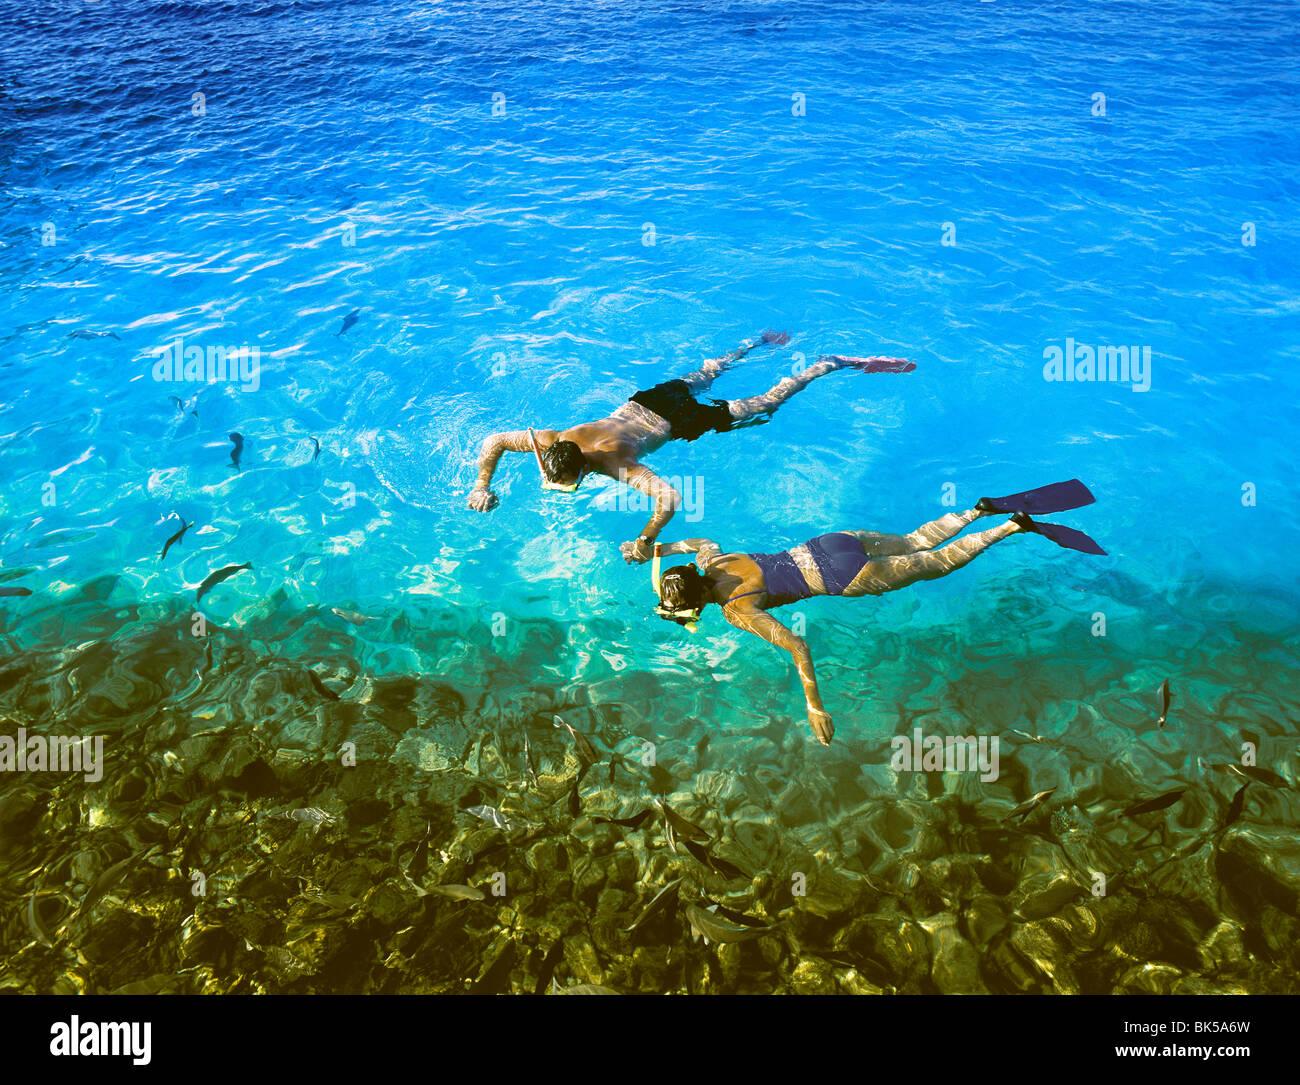 Giovane snorkeling, Maldive, Oceano Indiano, Asia Immagini Stock